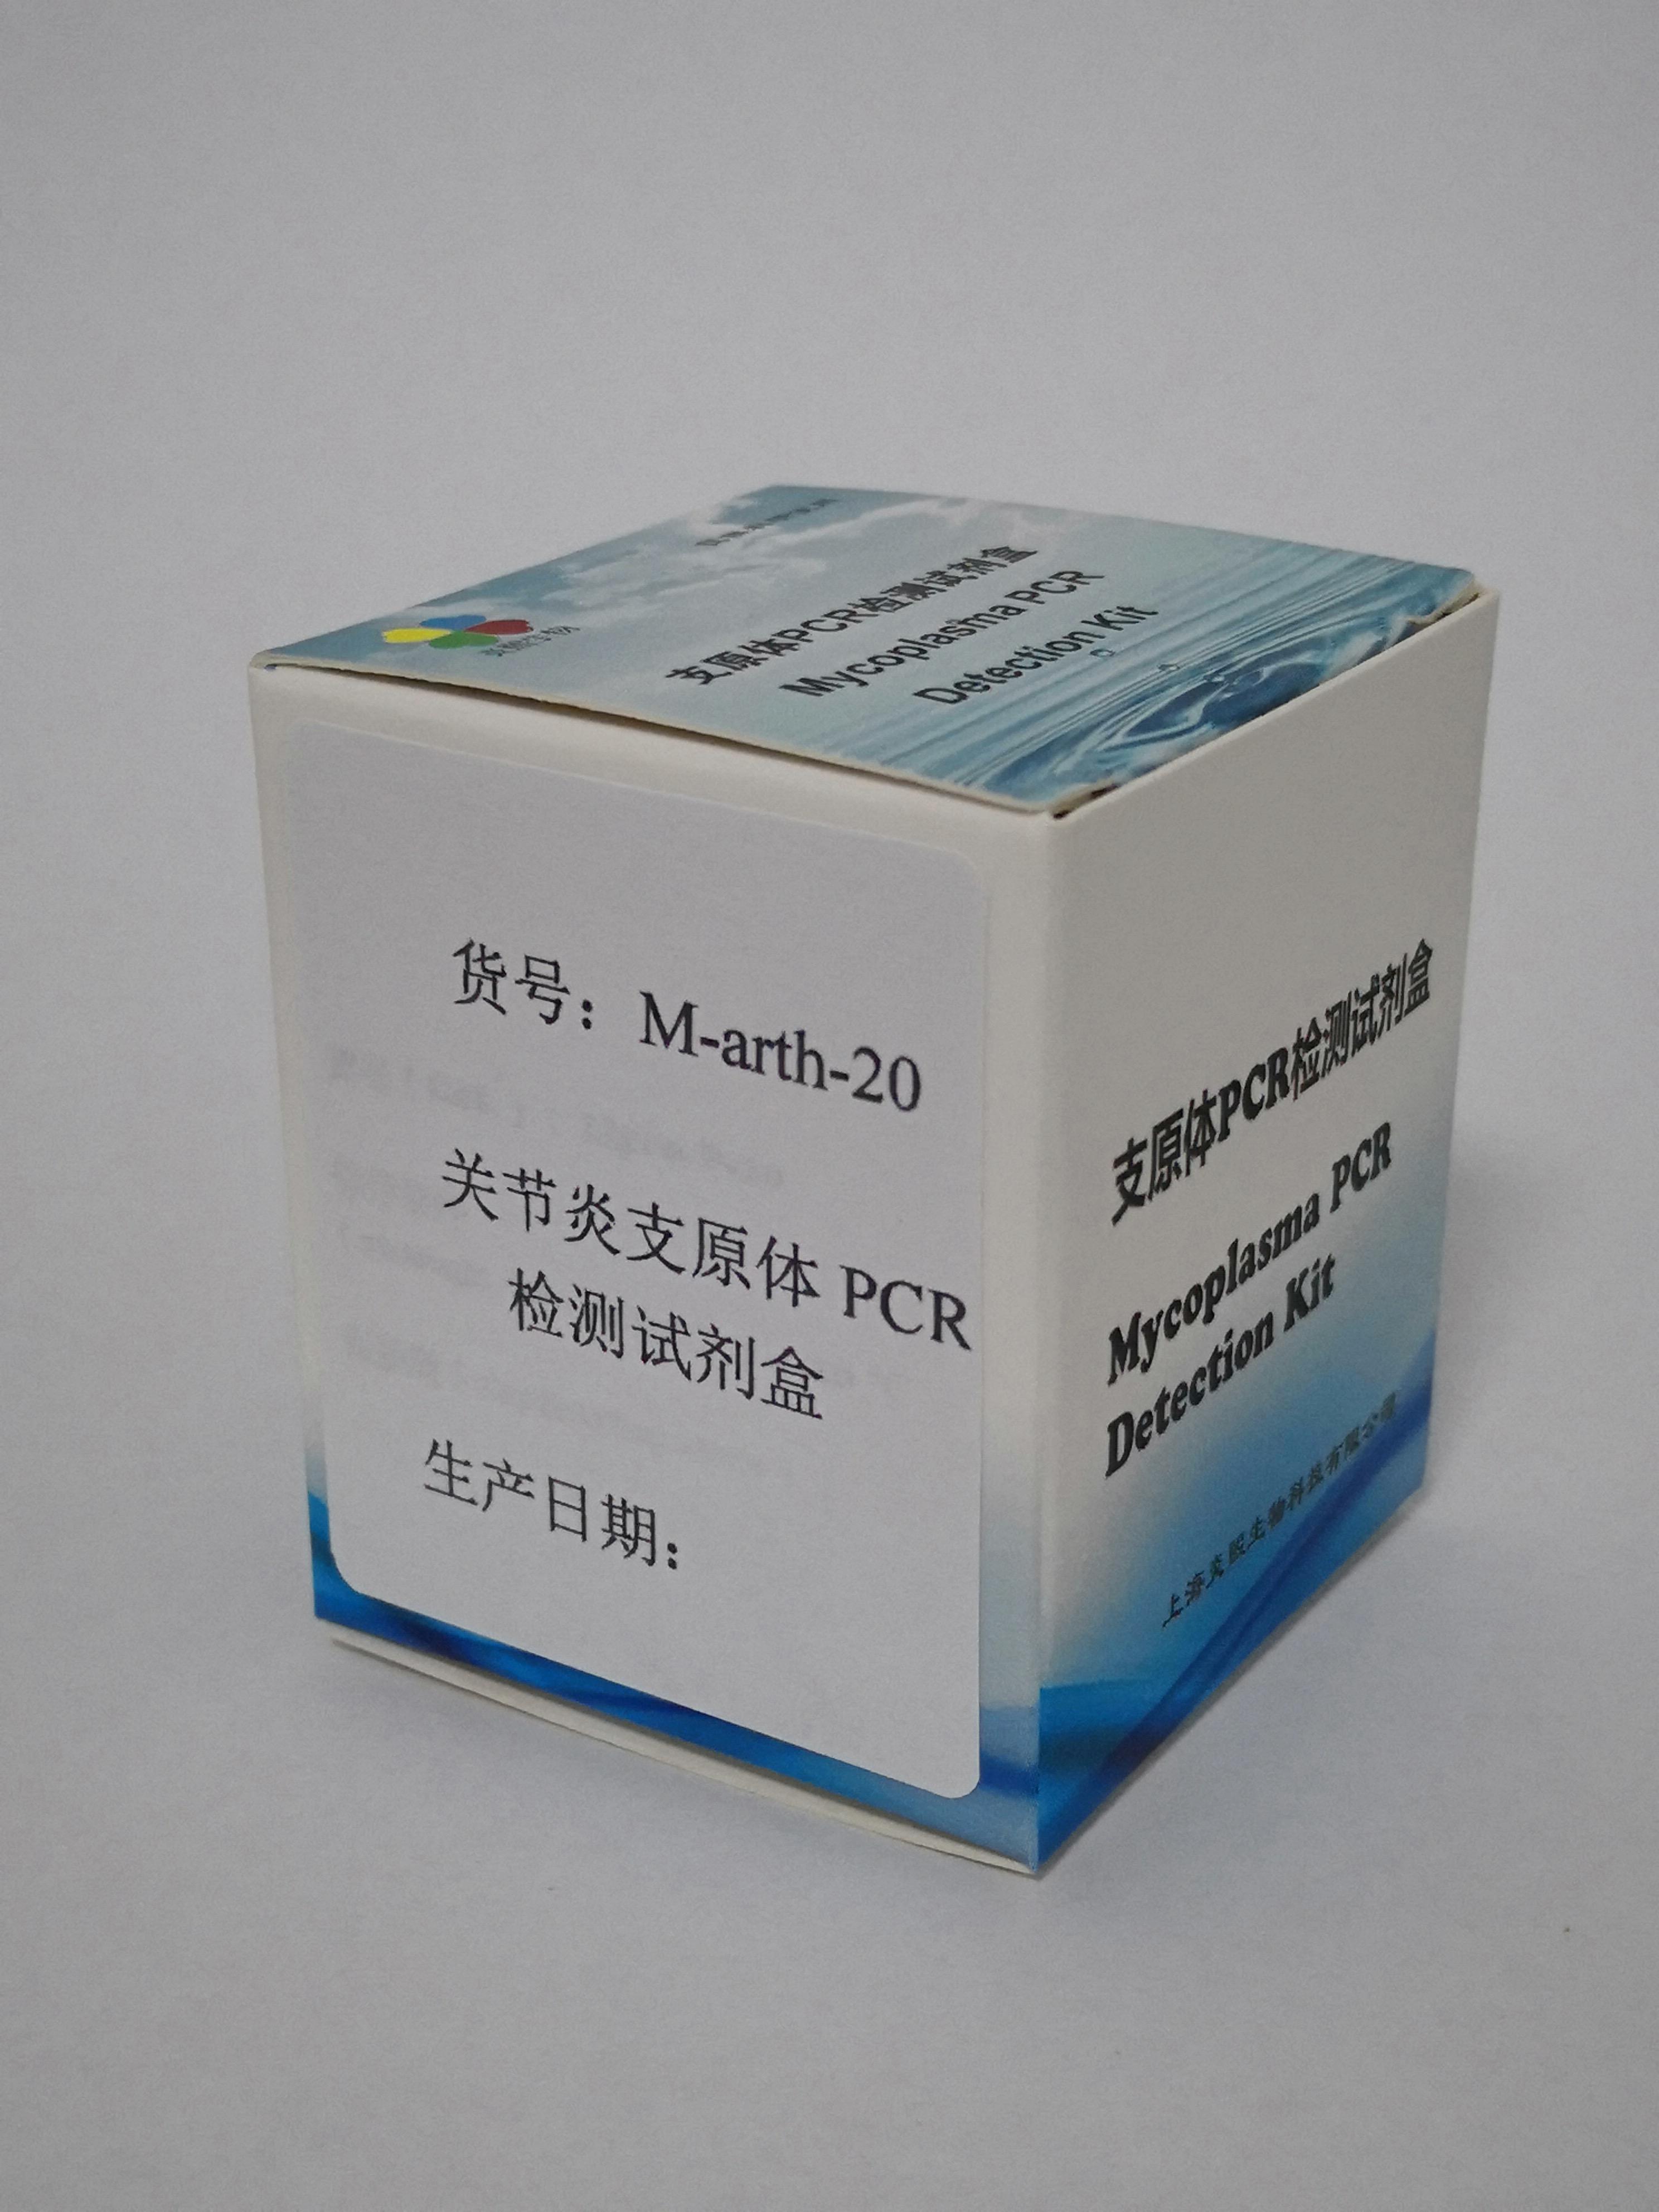 关节炎支原体PCR检测试剂盒